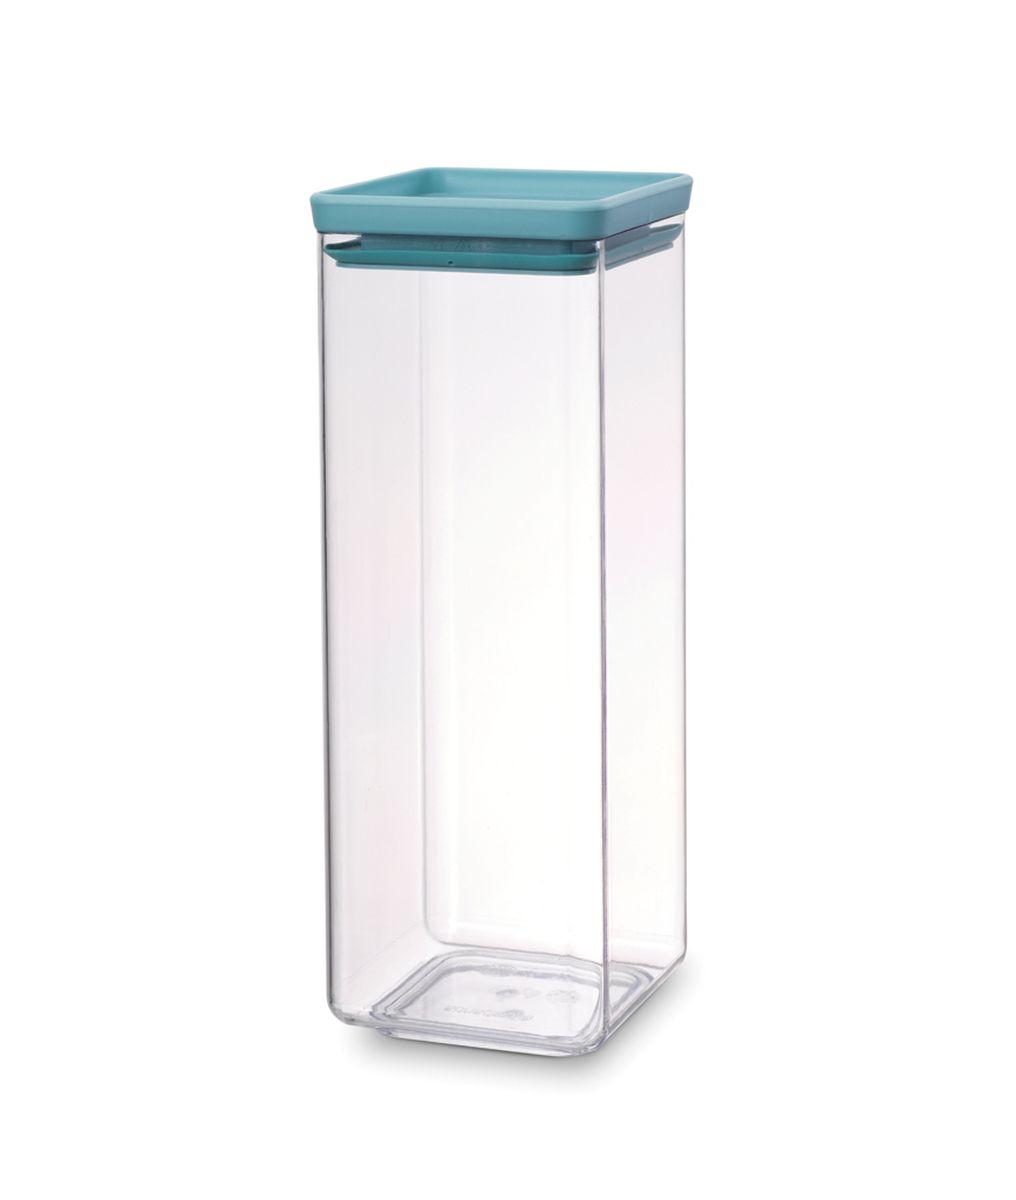 Контейнер для сыпучих продуктов Brabantia Tasty Colors, цвет: прозрачный, голубой, 2,5 л. 290169290169Контейнер для сыпучих продуктов Brabantia Tasty Colors занимает мало места - контейнеры имеют прямоугольную форму и составляются один на другой. Продукты надолго сохраняют свежесть и аромат - силиконовый уплотнитель. Хорошо видно содержимое и его количество. Легко моется - можно мыть в посудомоечной машине. Прочный и абсолютно прозрачный - изготовлен из пластика.